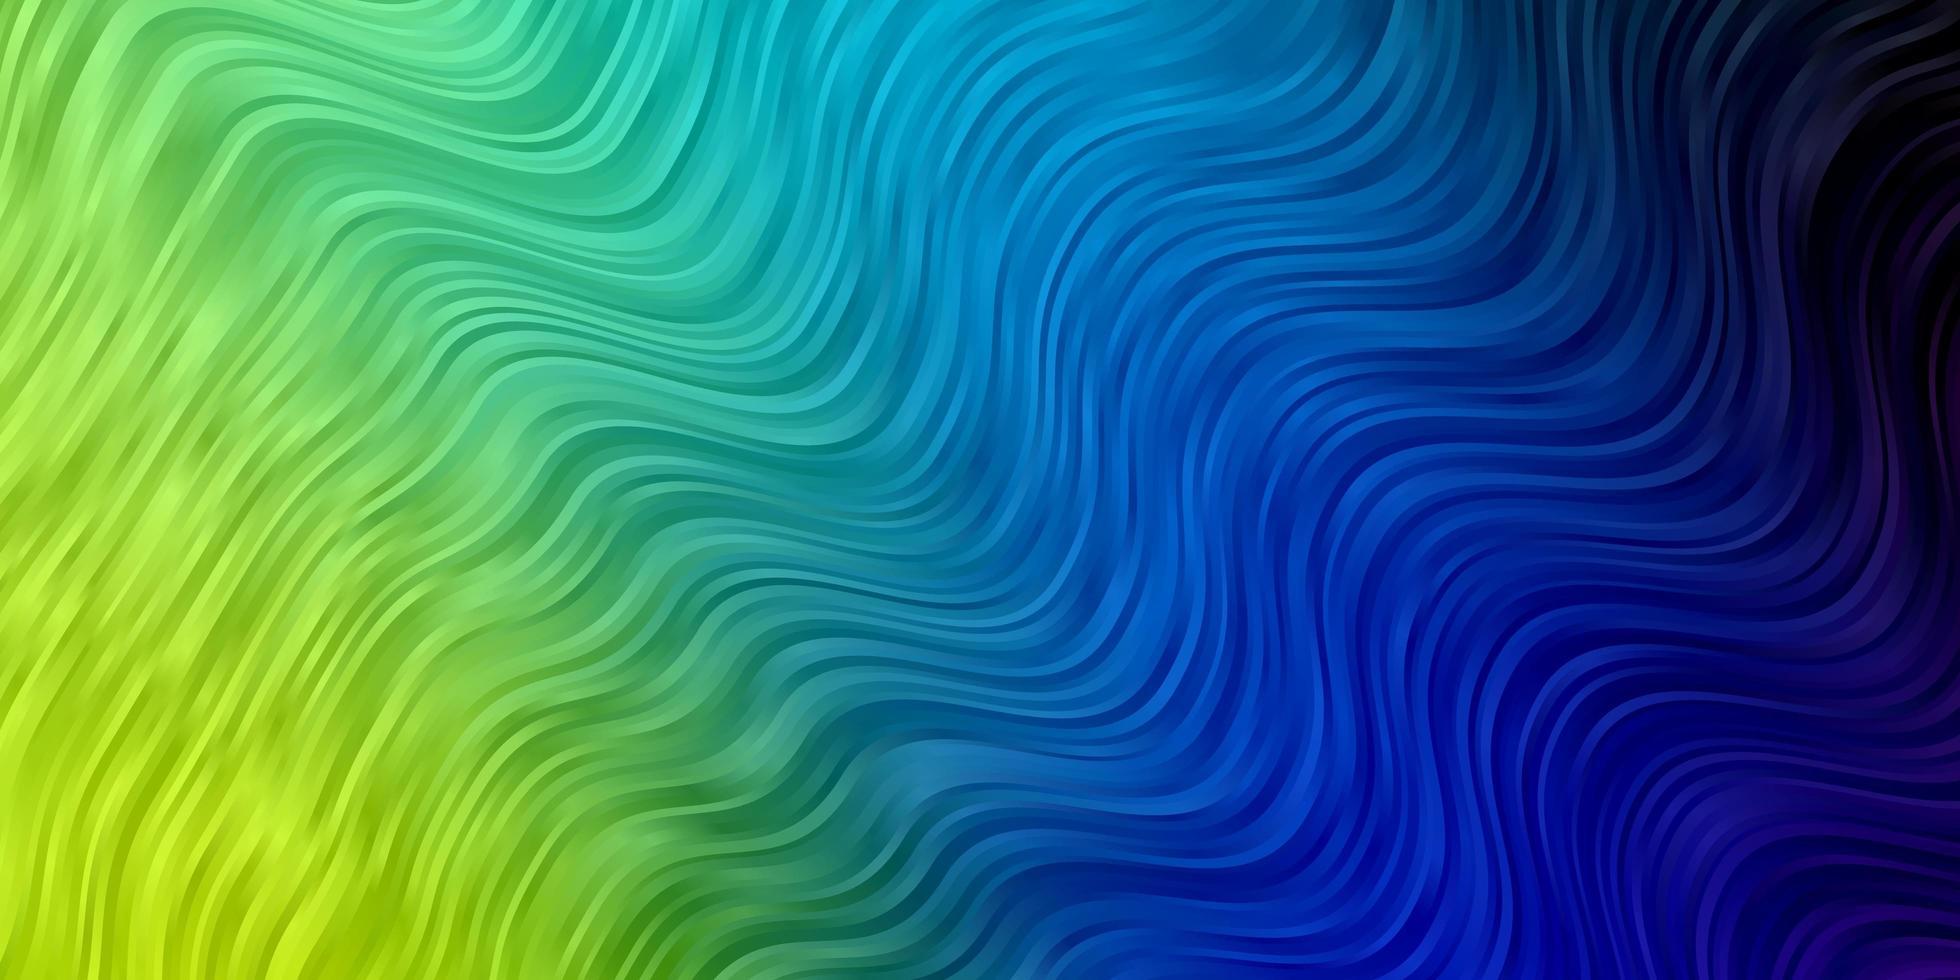 motif vectoriel multicolore clair avec des lignes ironiques.